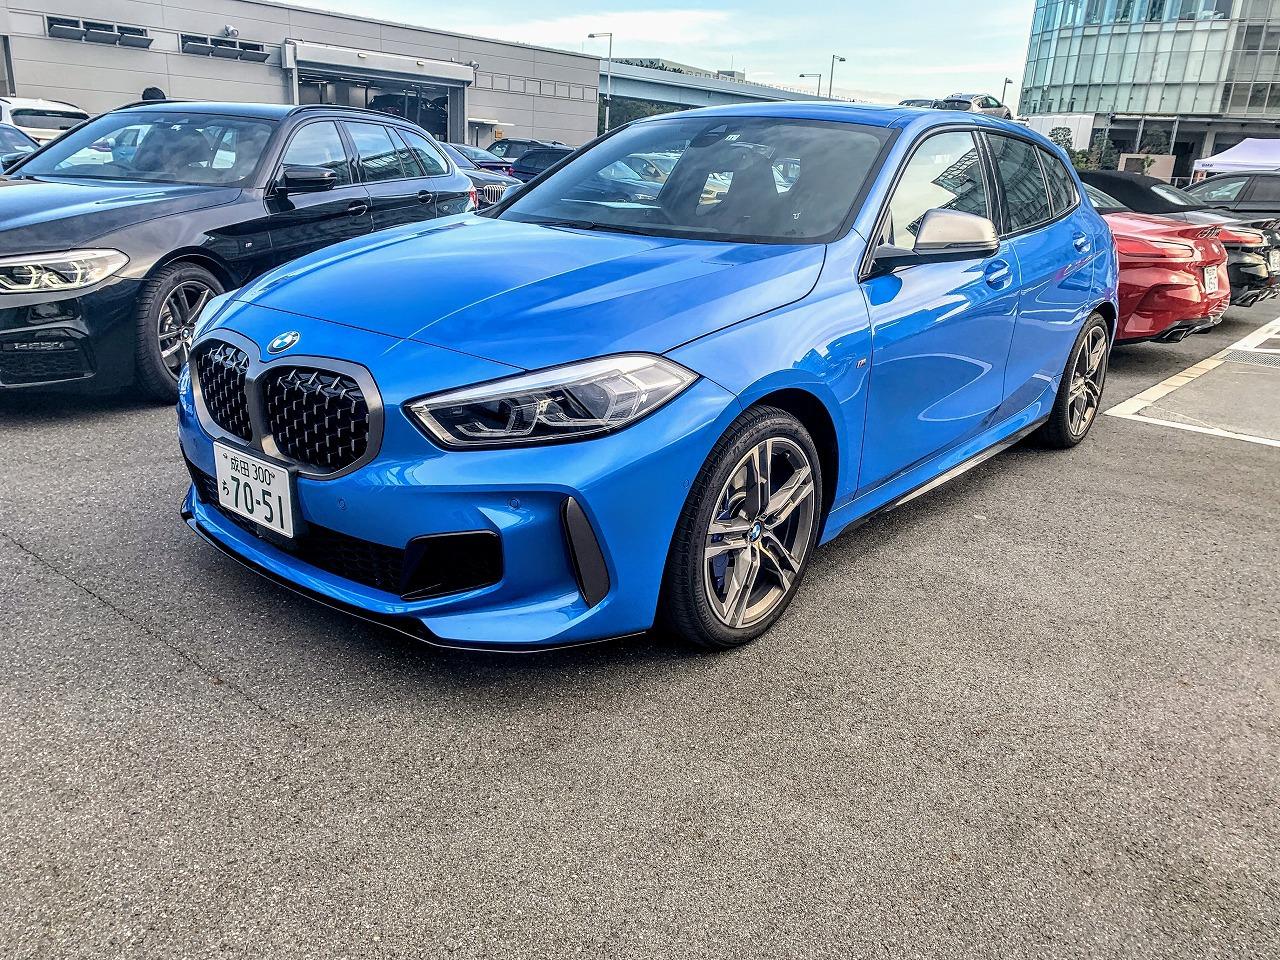 【後編:M135i高速試乗編】BMW新型1シリーズ(F40)「118i M Sport」「M135i xDrive」をBMW Tokyo Bayで比較試乗してきました^^